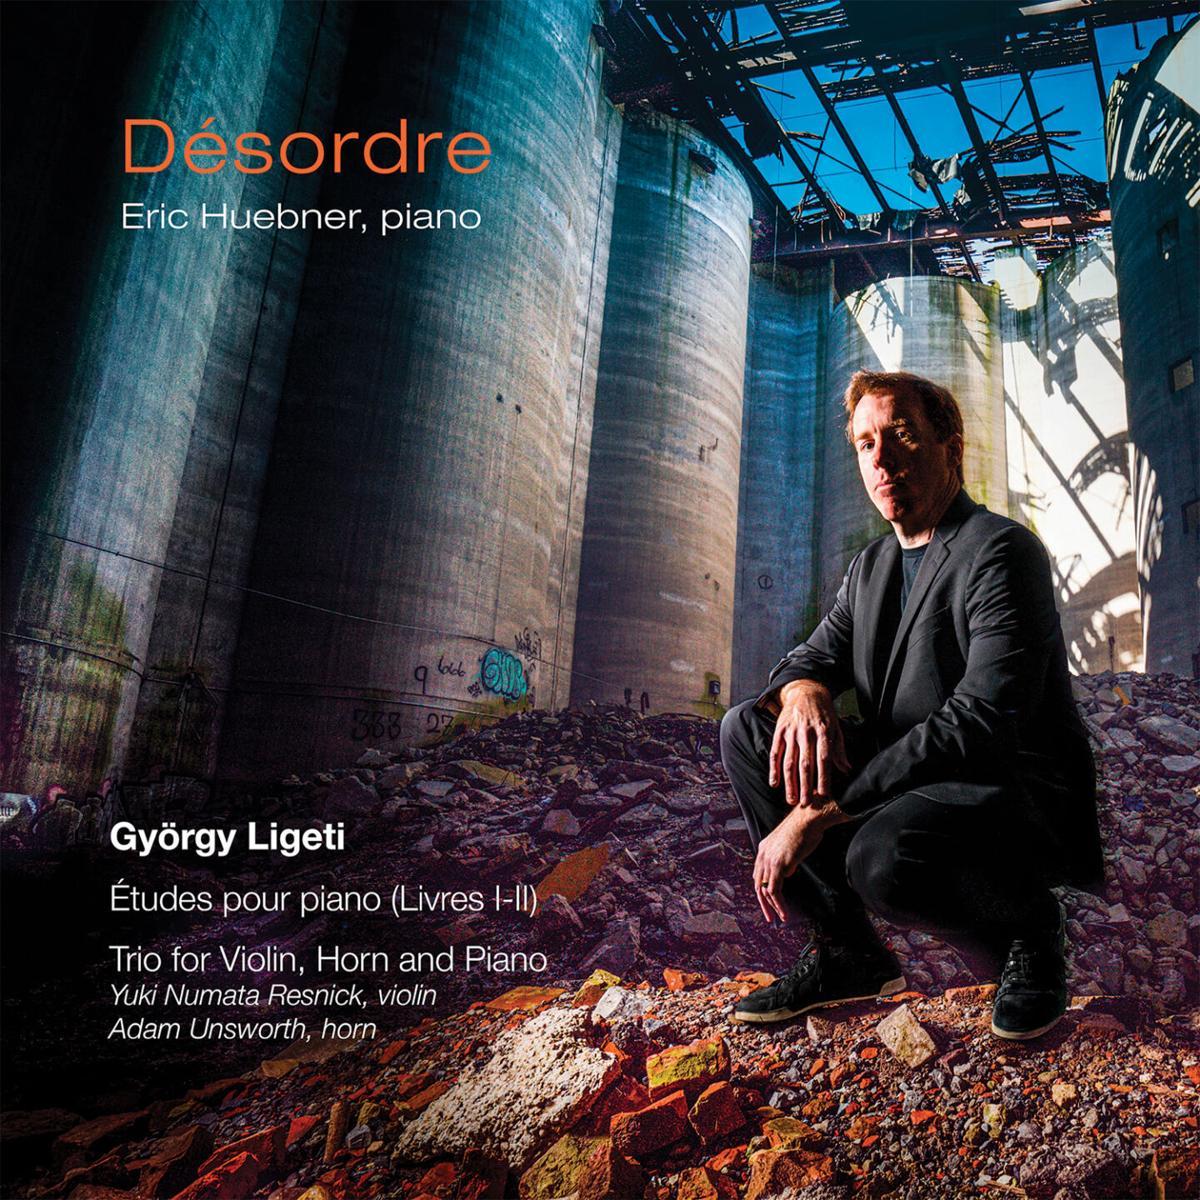 Eric Huebner - Desordre cover